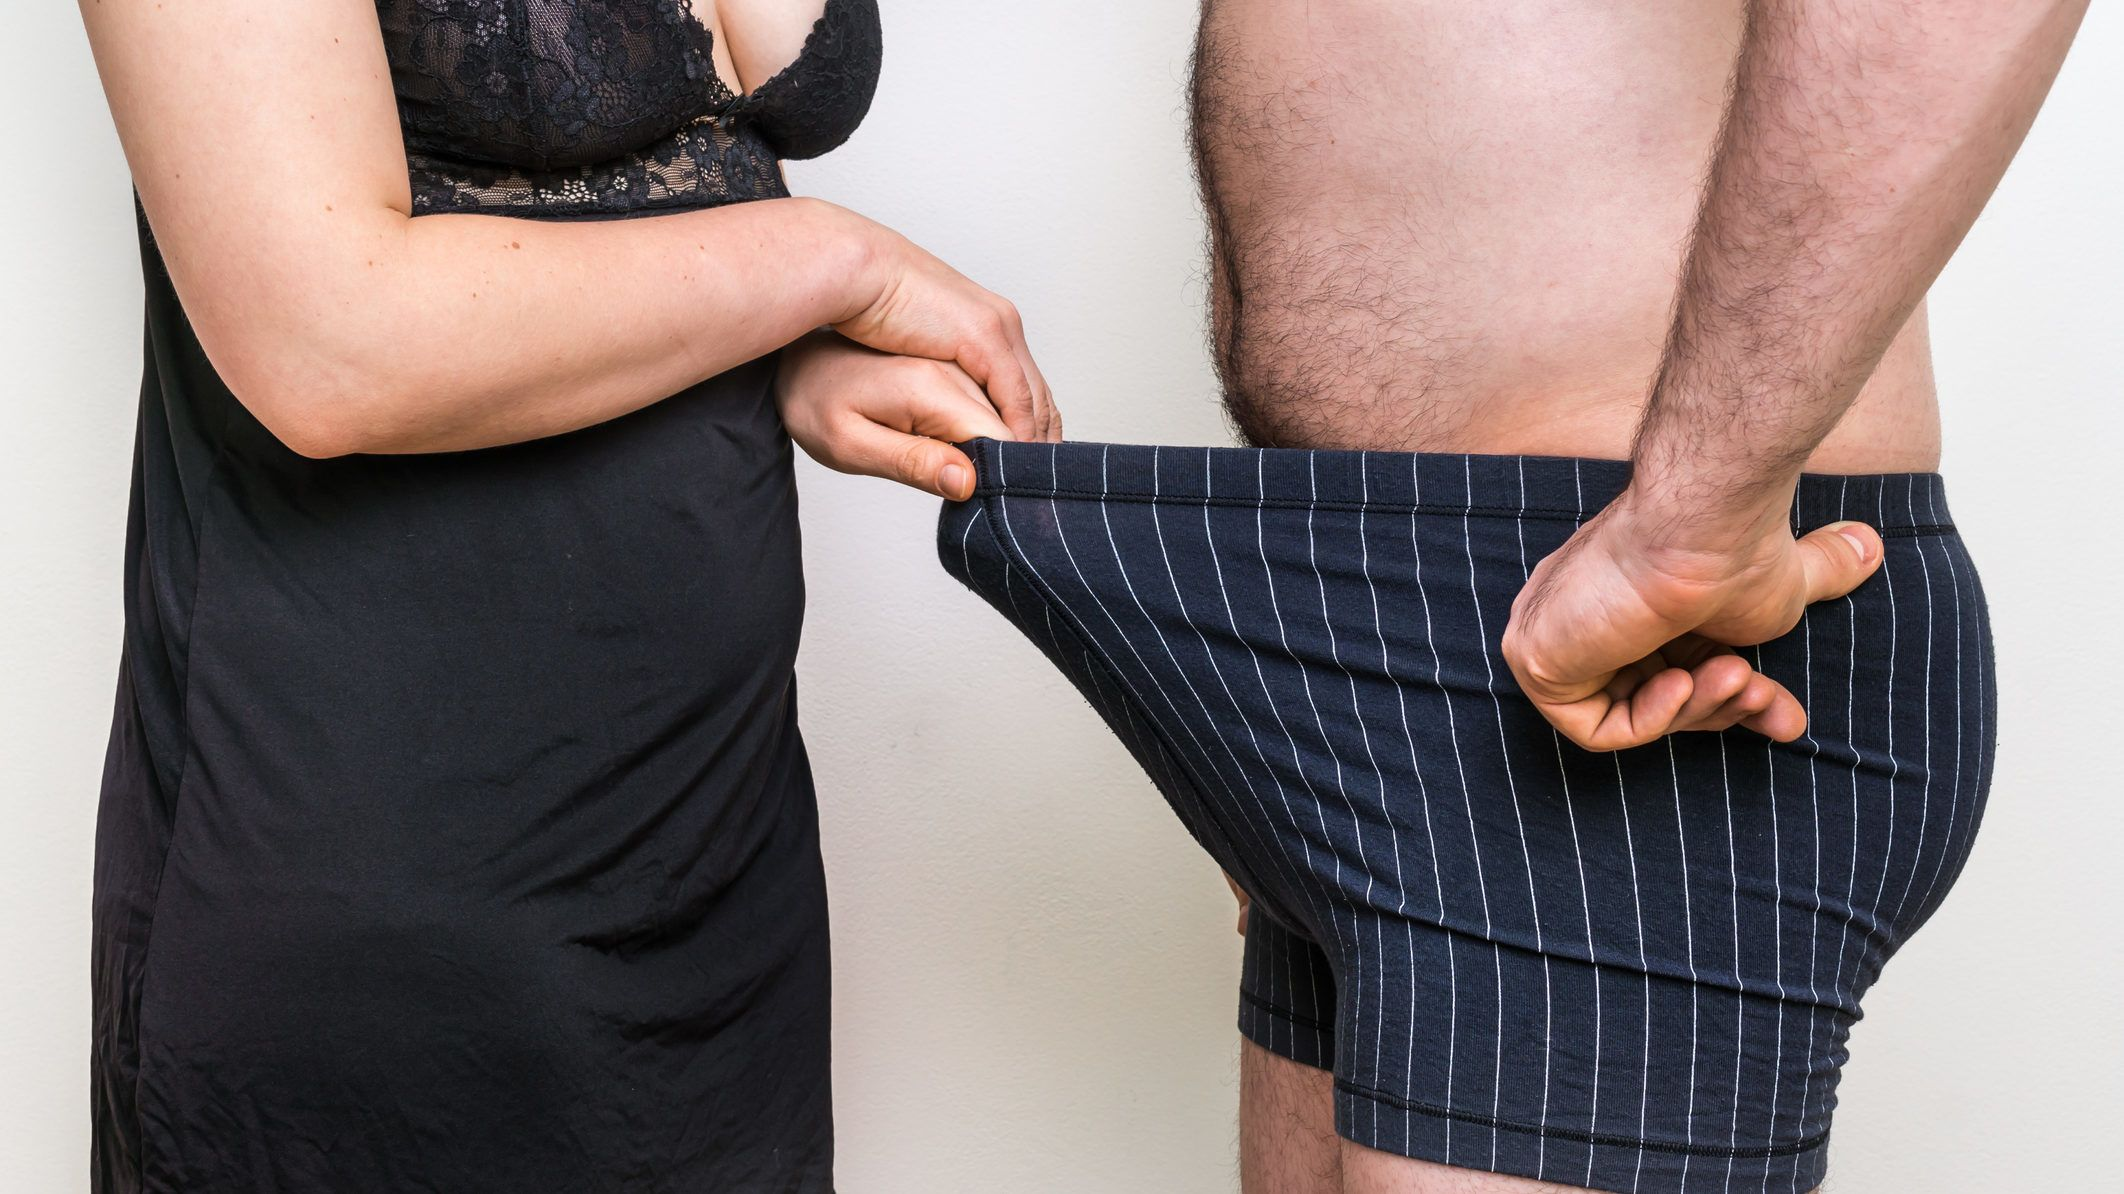 hányszor nő meg a pénisz a férfiaknál